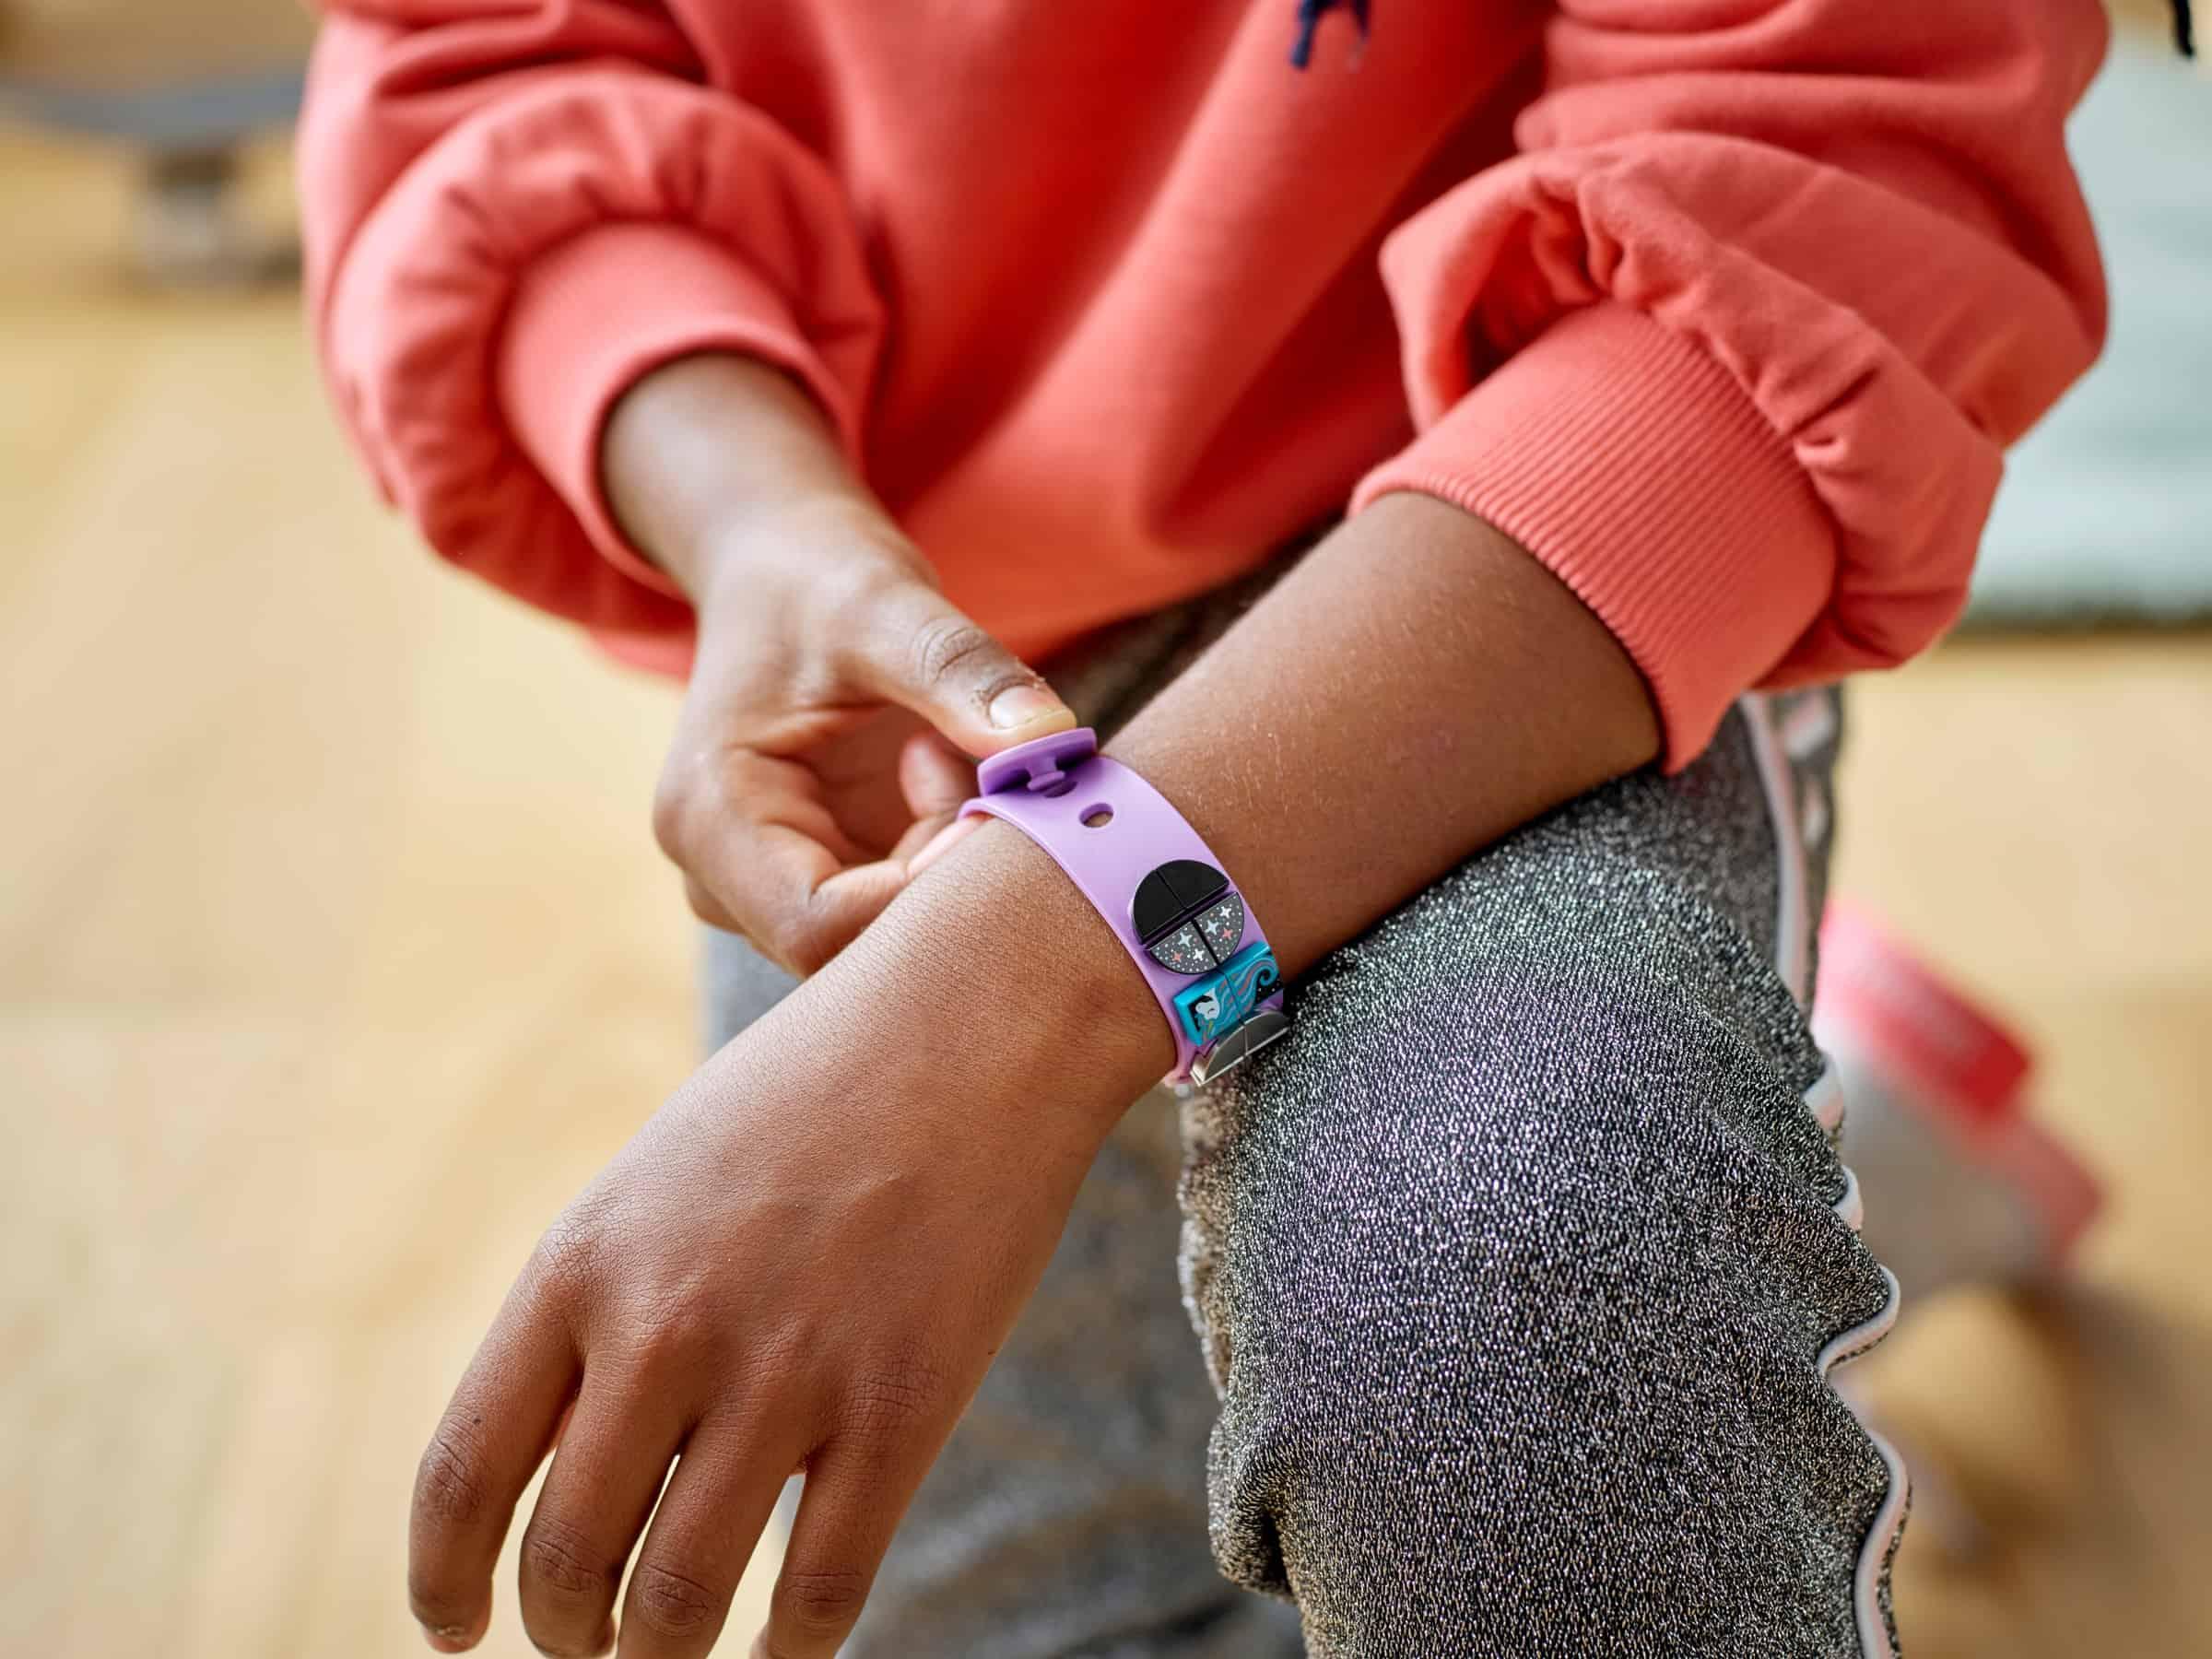 lego 41902 glitrende enhjorning armband